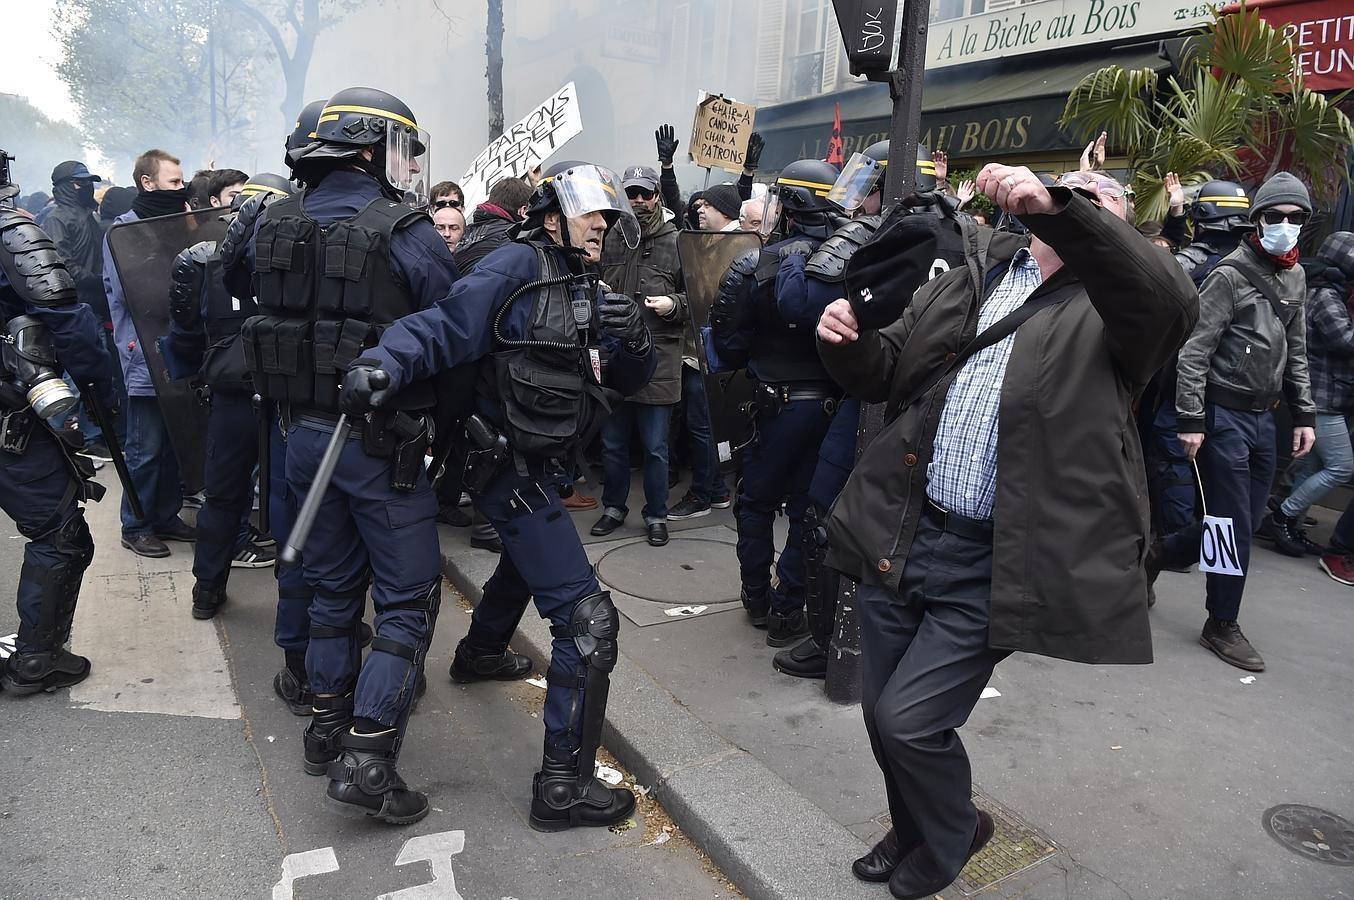 Nueva jornada de protestas en Francia contra la reforma laboral